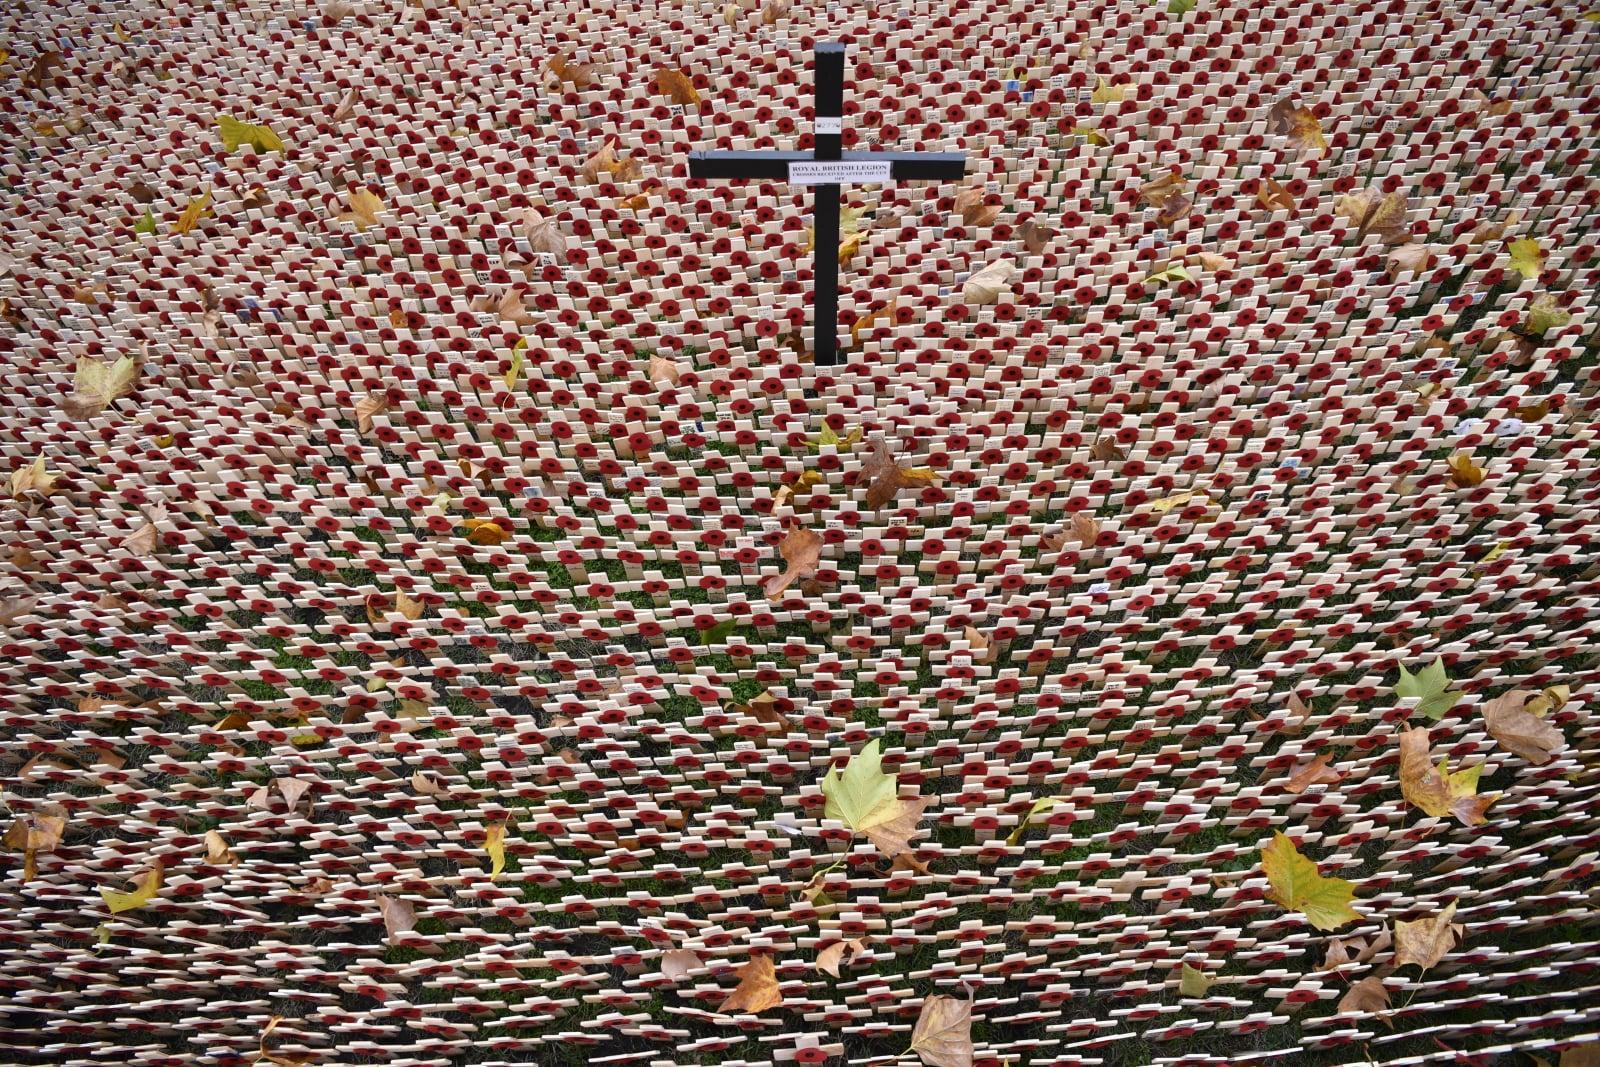 Krzyżyki na cmentarzu Westminsterskim w setną rocznicę zakończenia I Wojny Światowej. Fot. PAP/EPA/NEIL HALL